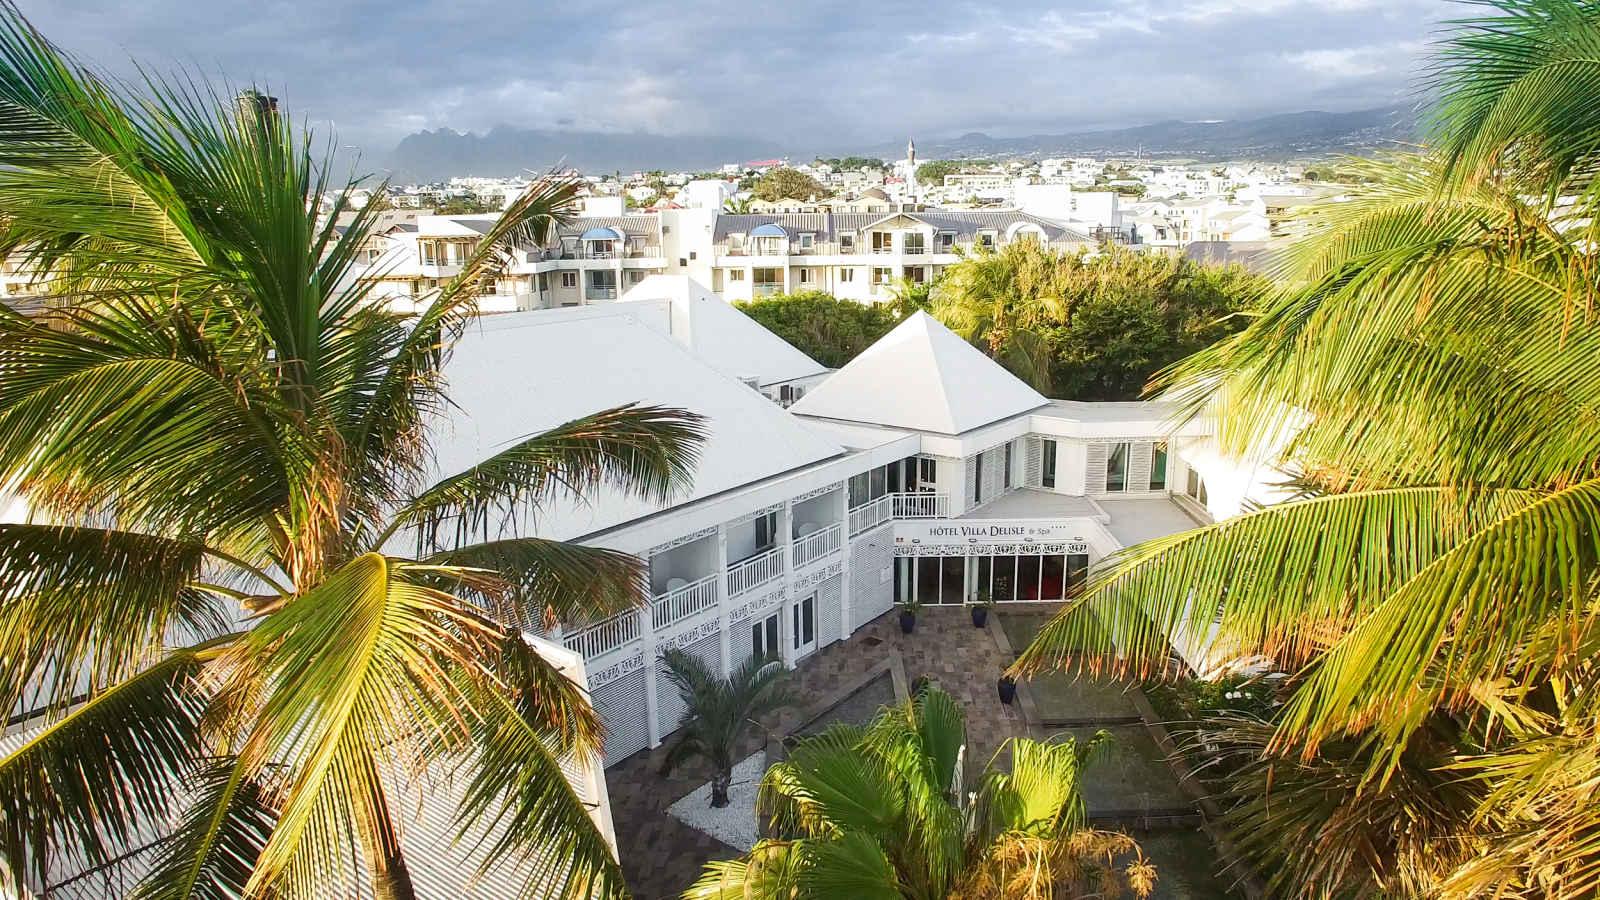 Île de la Réunion : Villa Delisle Hôtel & Spa